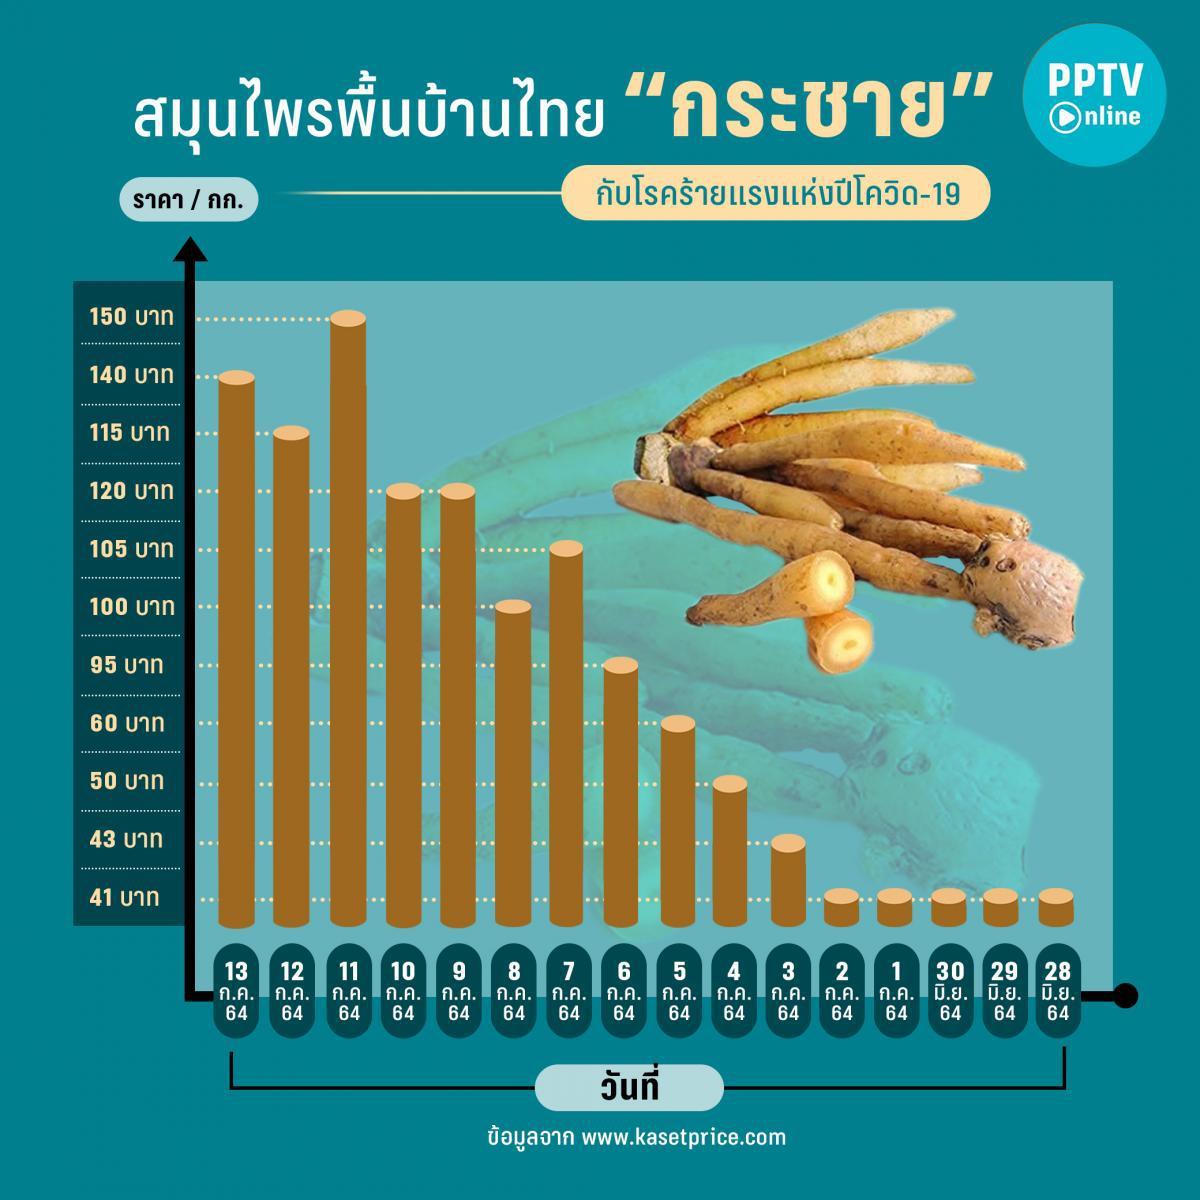 """ราคาพุ่ง """"กระชาย"""" สมุนไพรพื้นบ้านไทย ต้านโควิด-19 สูงขึ้นกว่า 30%"""